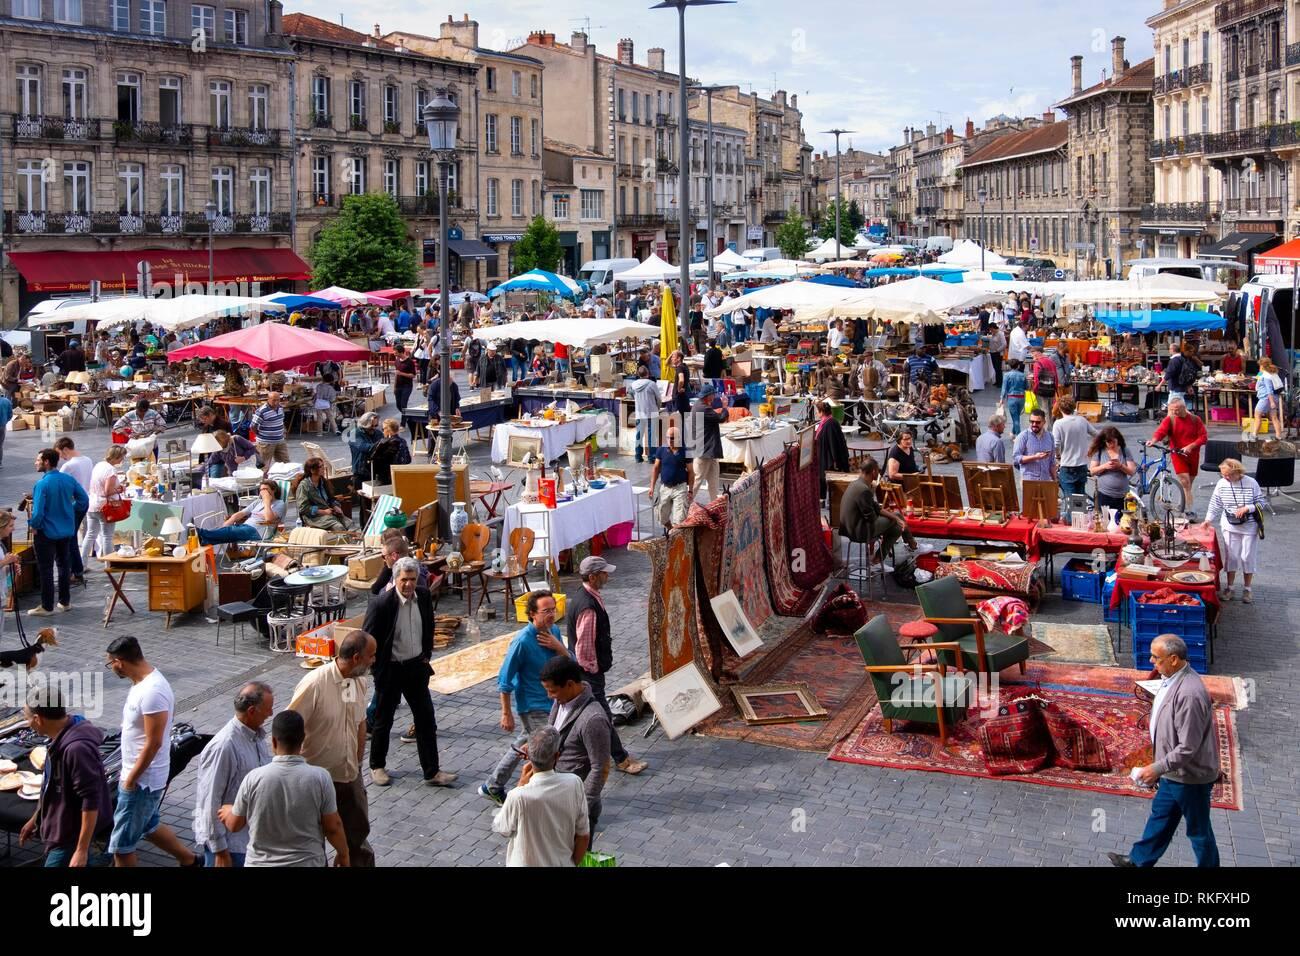 Nouvelle France, Aquitaine, Gironde, marché aux puces le dimanche sur place ASaint Michel, à Bordeaux. Photo Stock